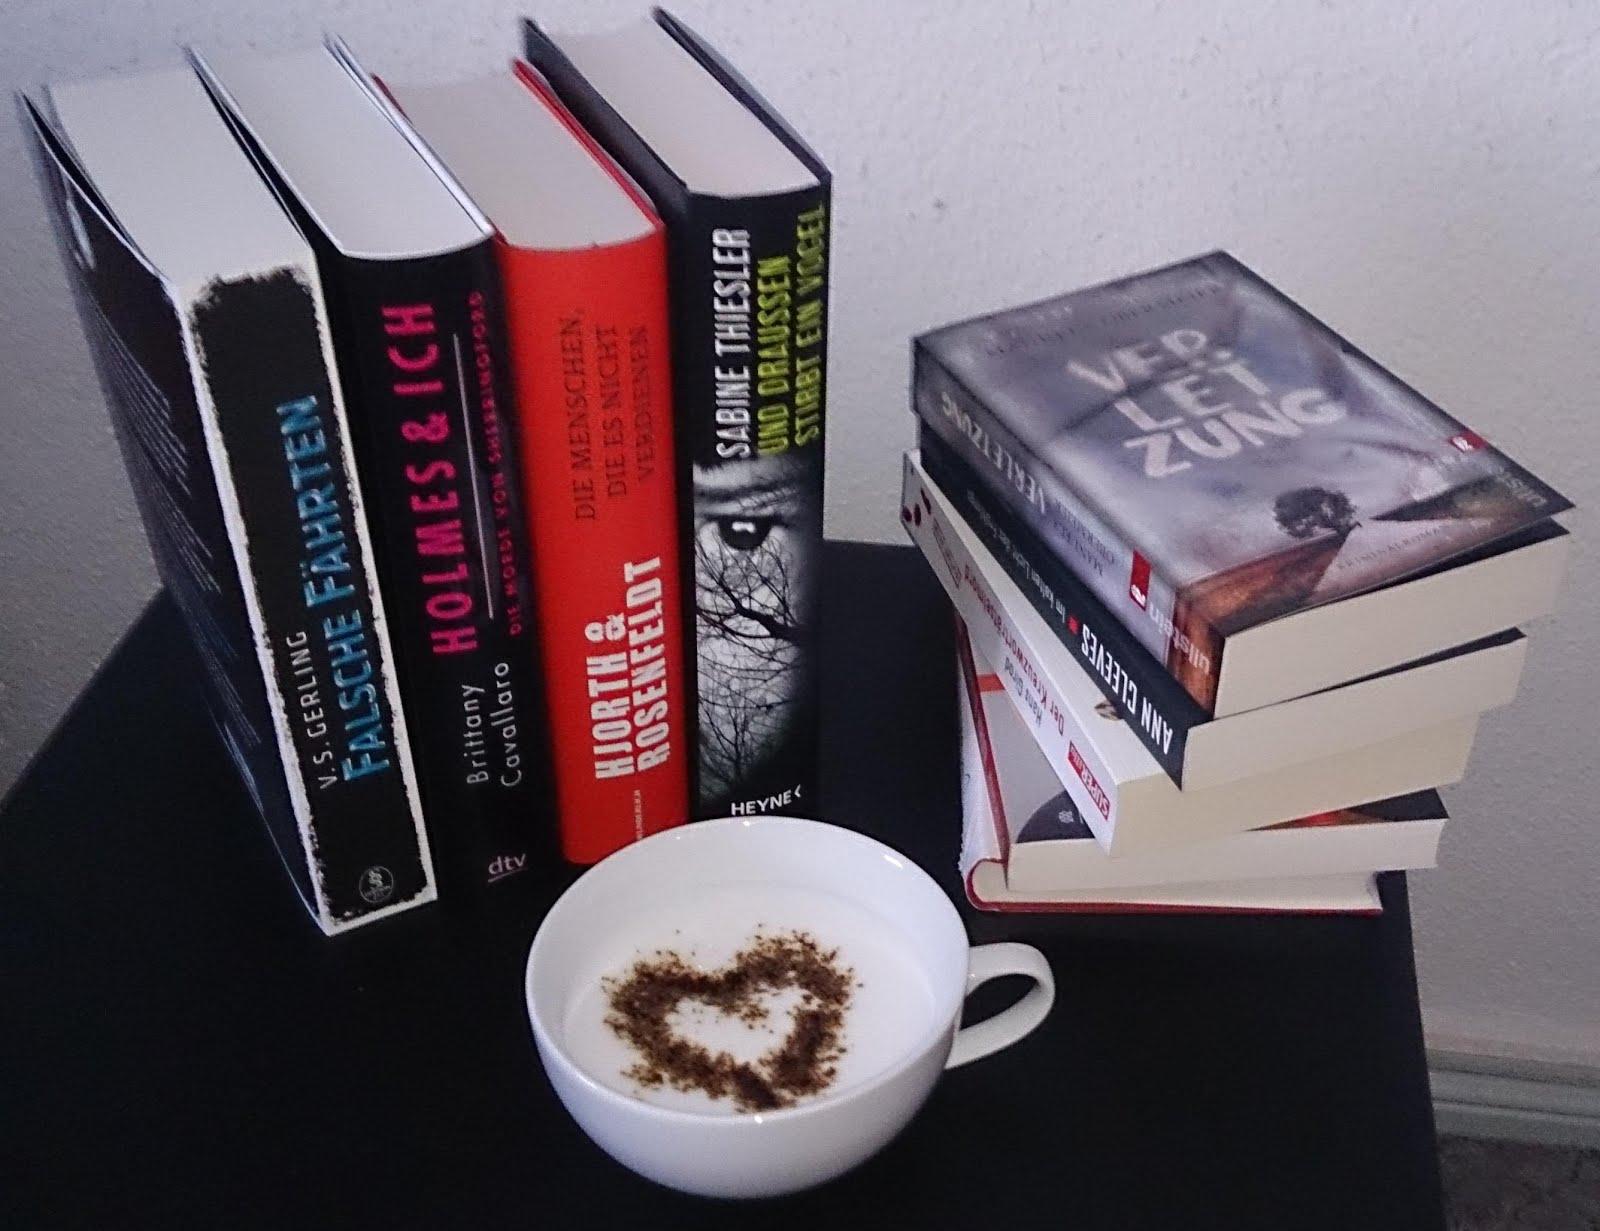 Ein leckerer Kaffee und ein gutes Buch gehören einfach zusammen